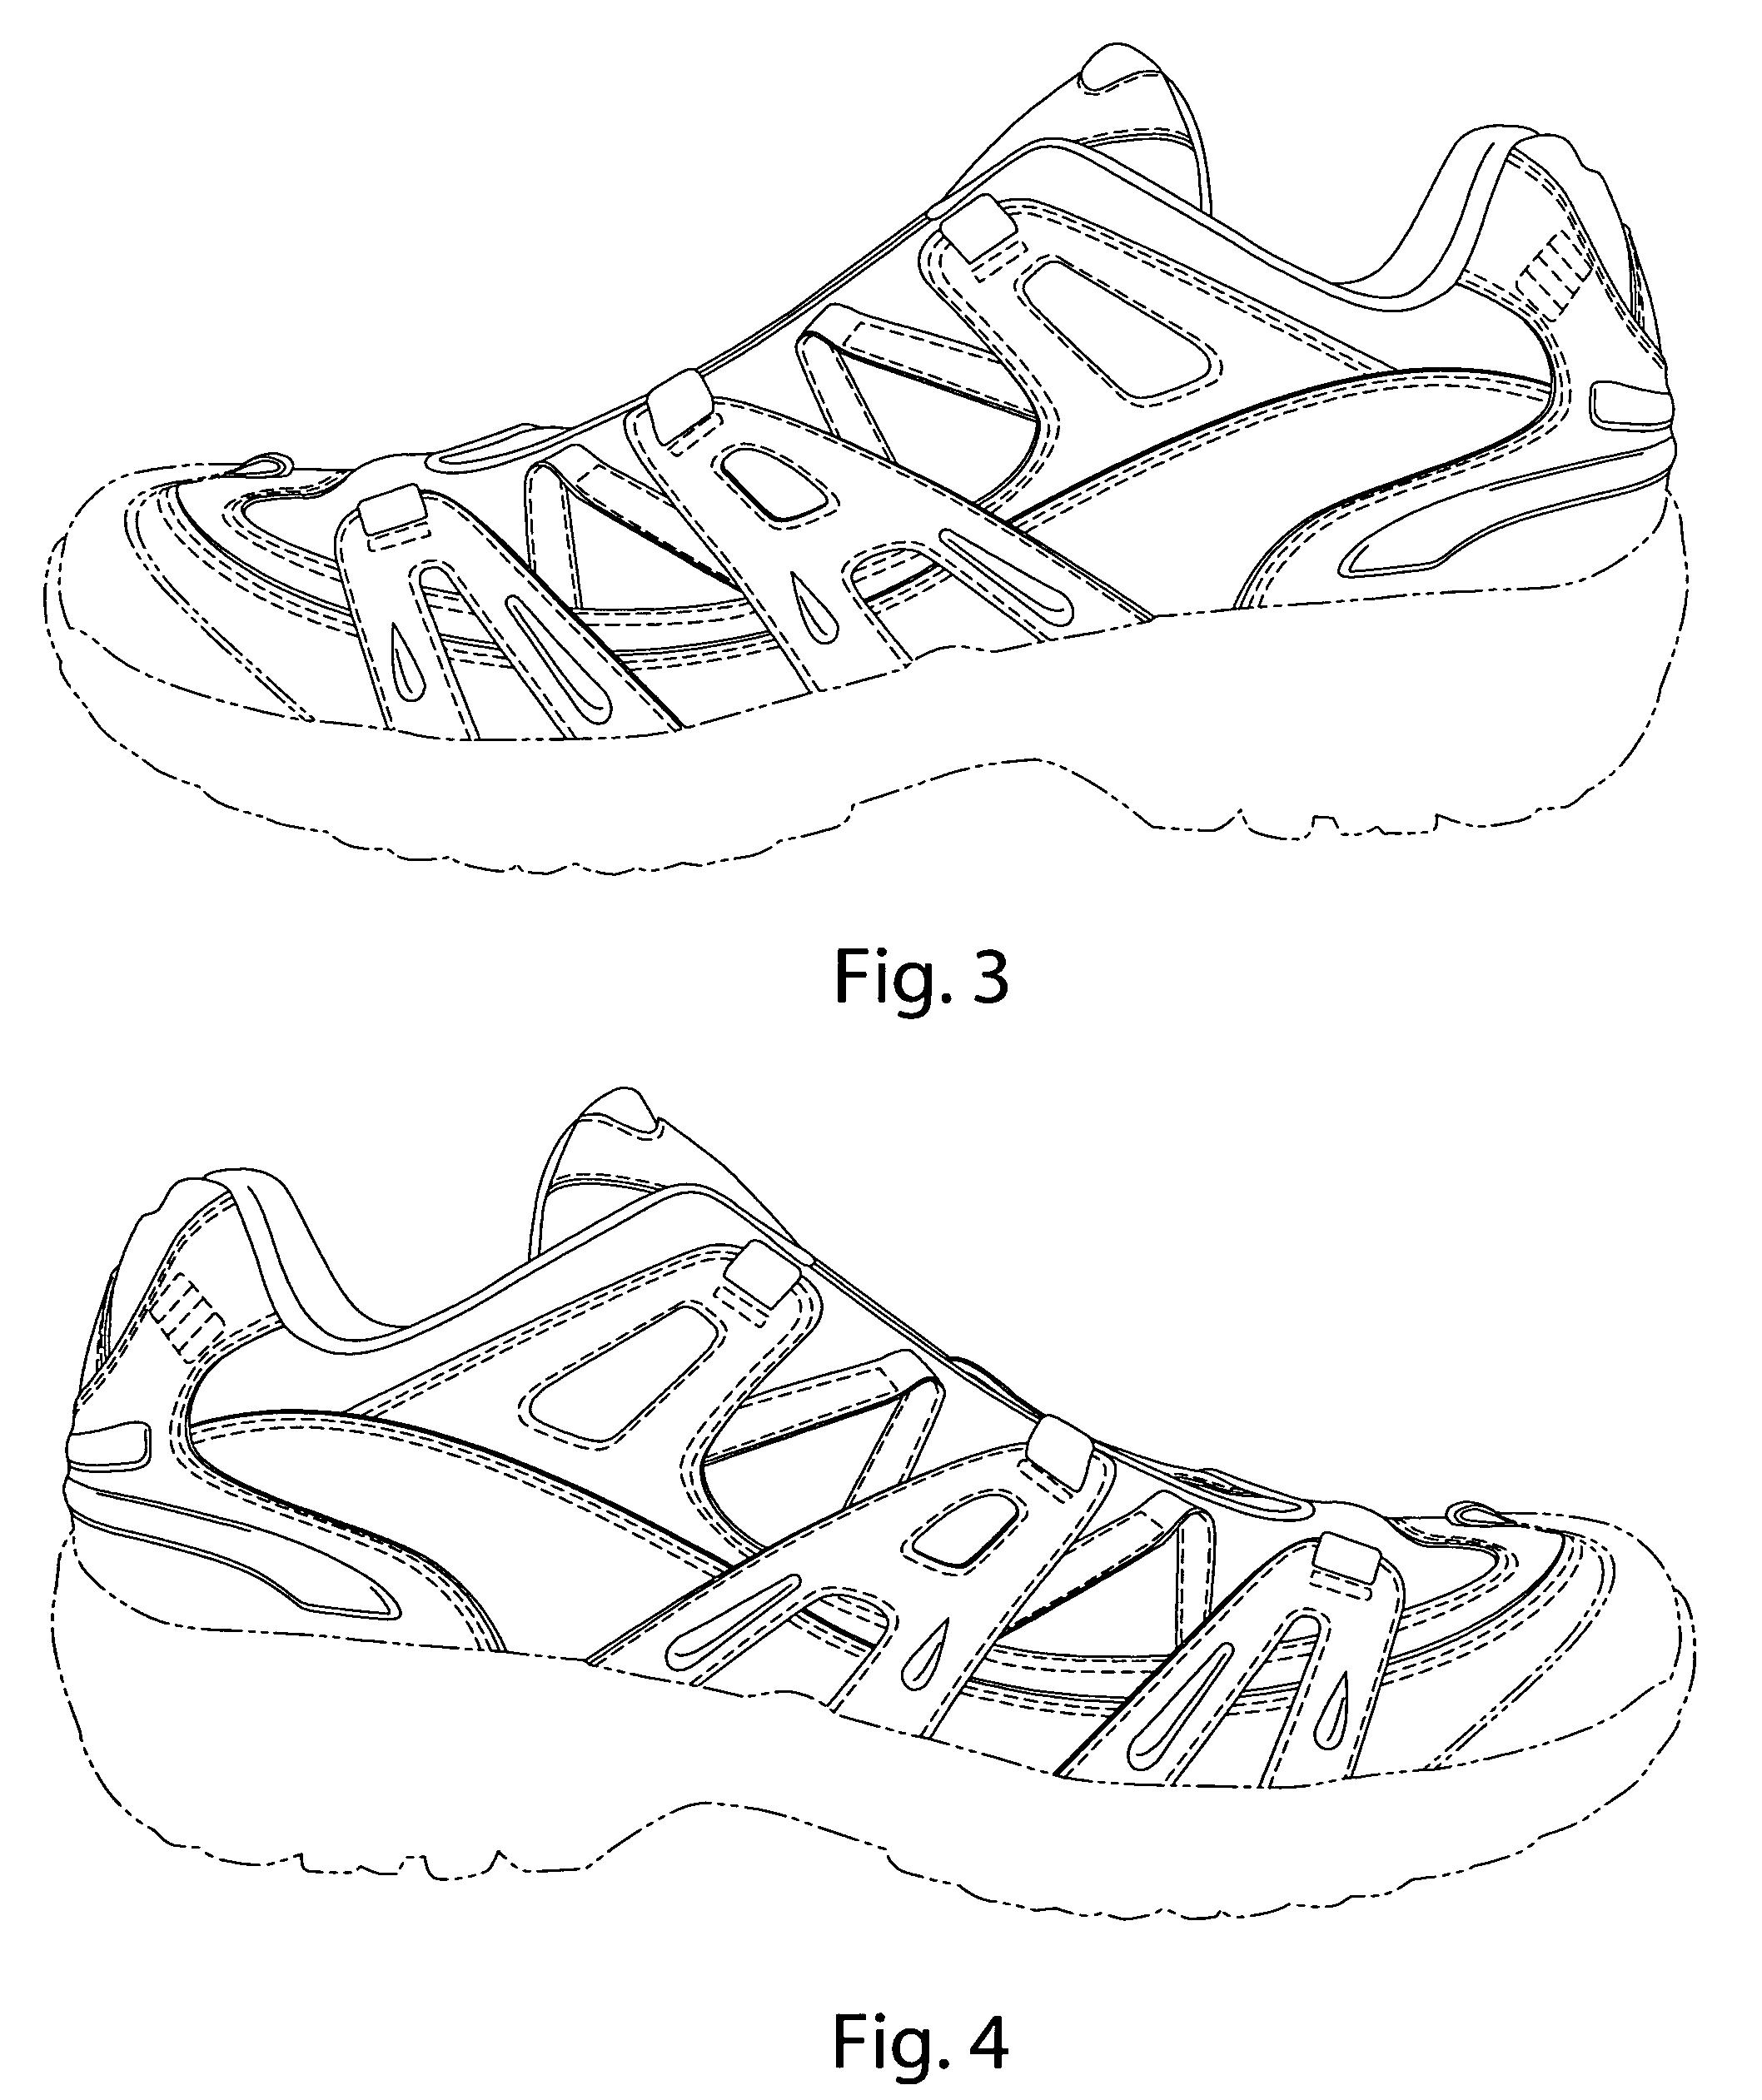 简笔画 手绘 线稿 鞋 运动鞋 2116_2522